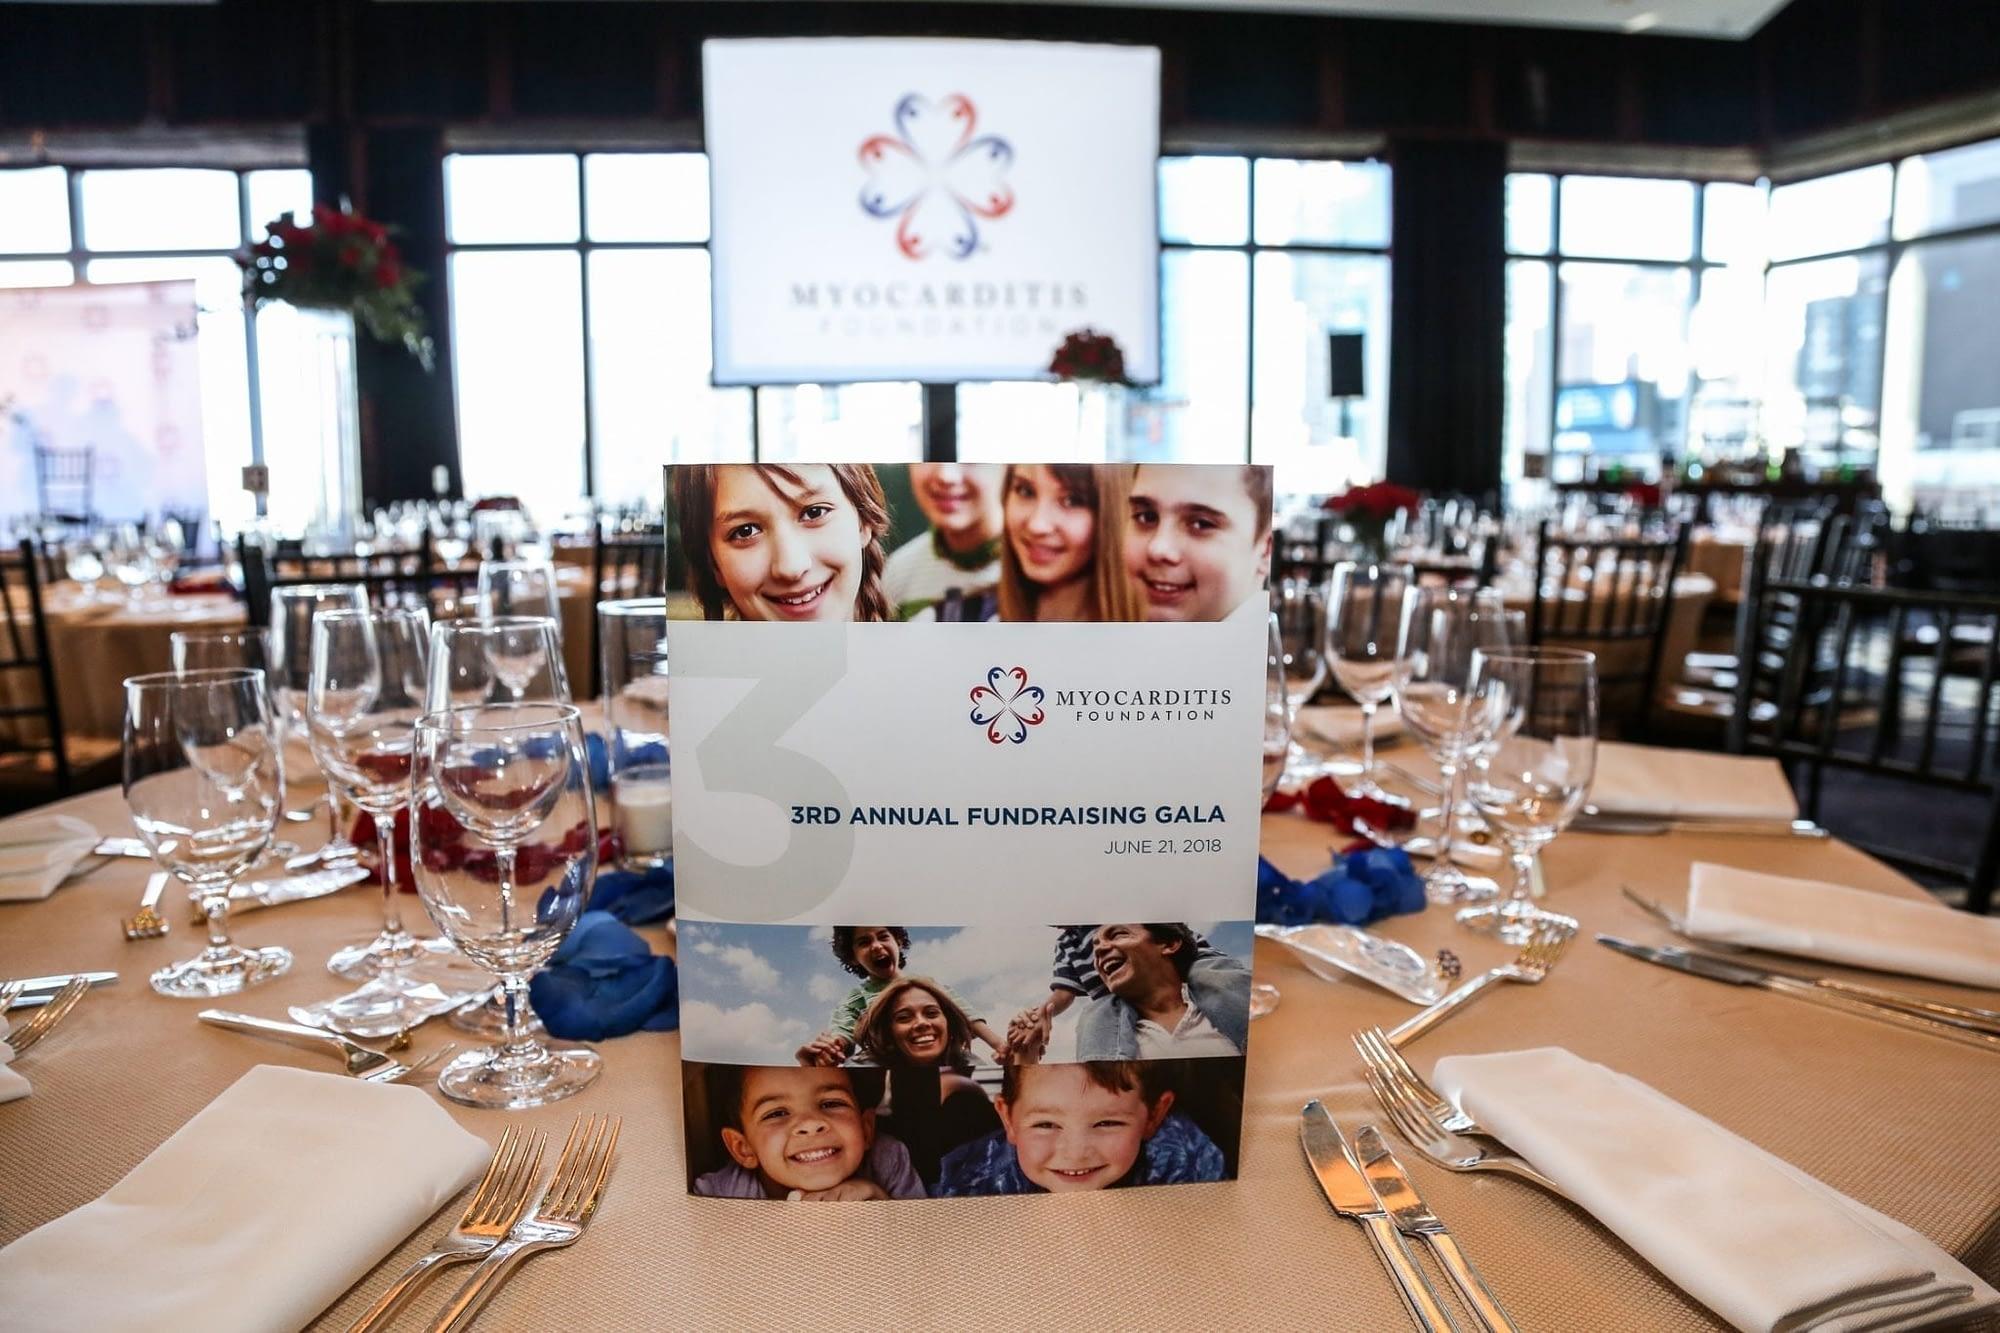 3rd Annual Myocarditis Foundation Gala